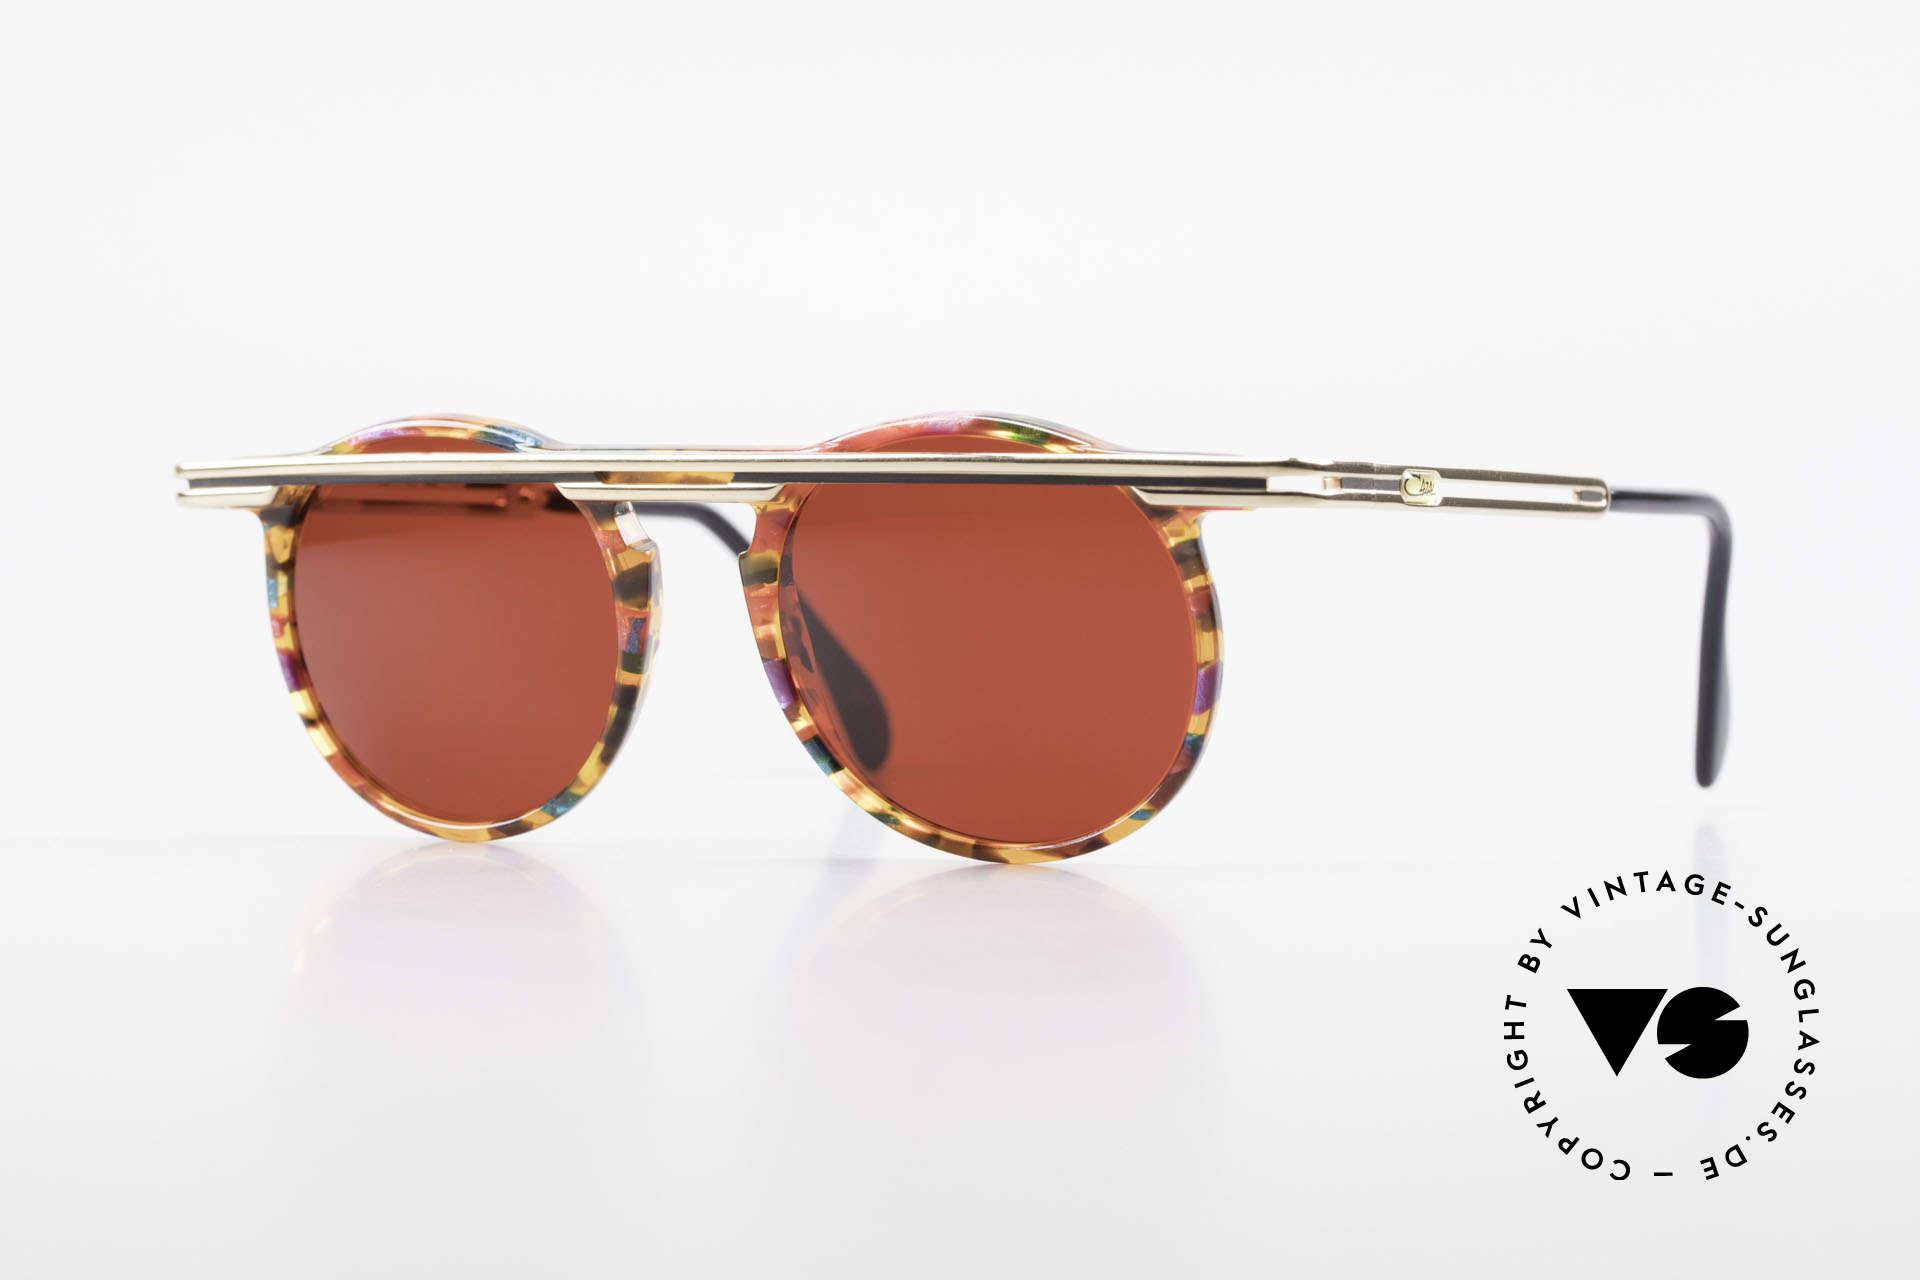 Cazal 648 Original Alte Cazal Brille 90er, außergerwöhnliche Cazal vintage Brille von 1990, Passend für Herren und Damen